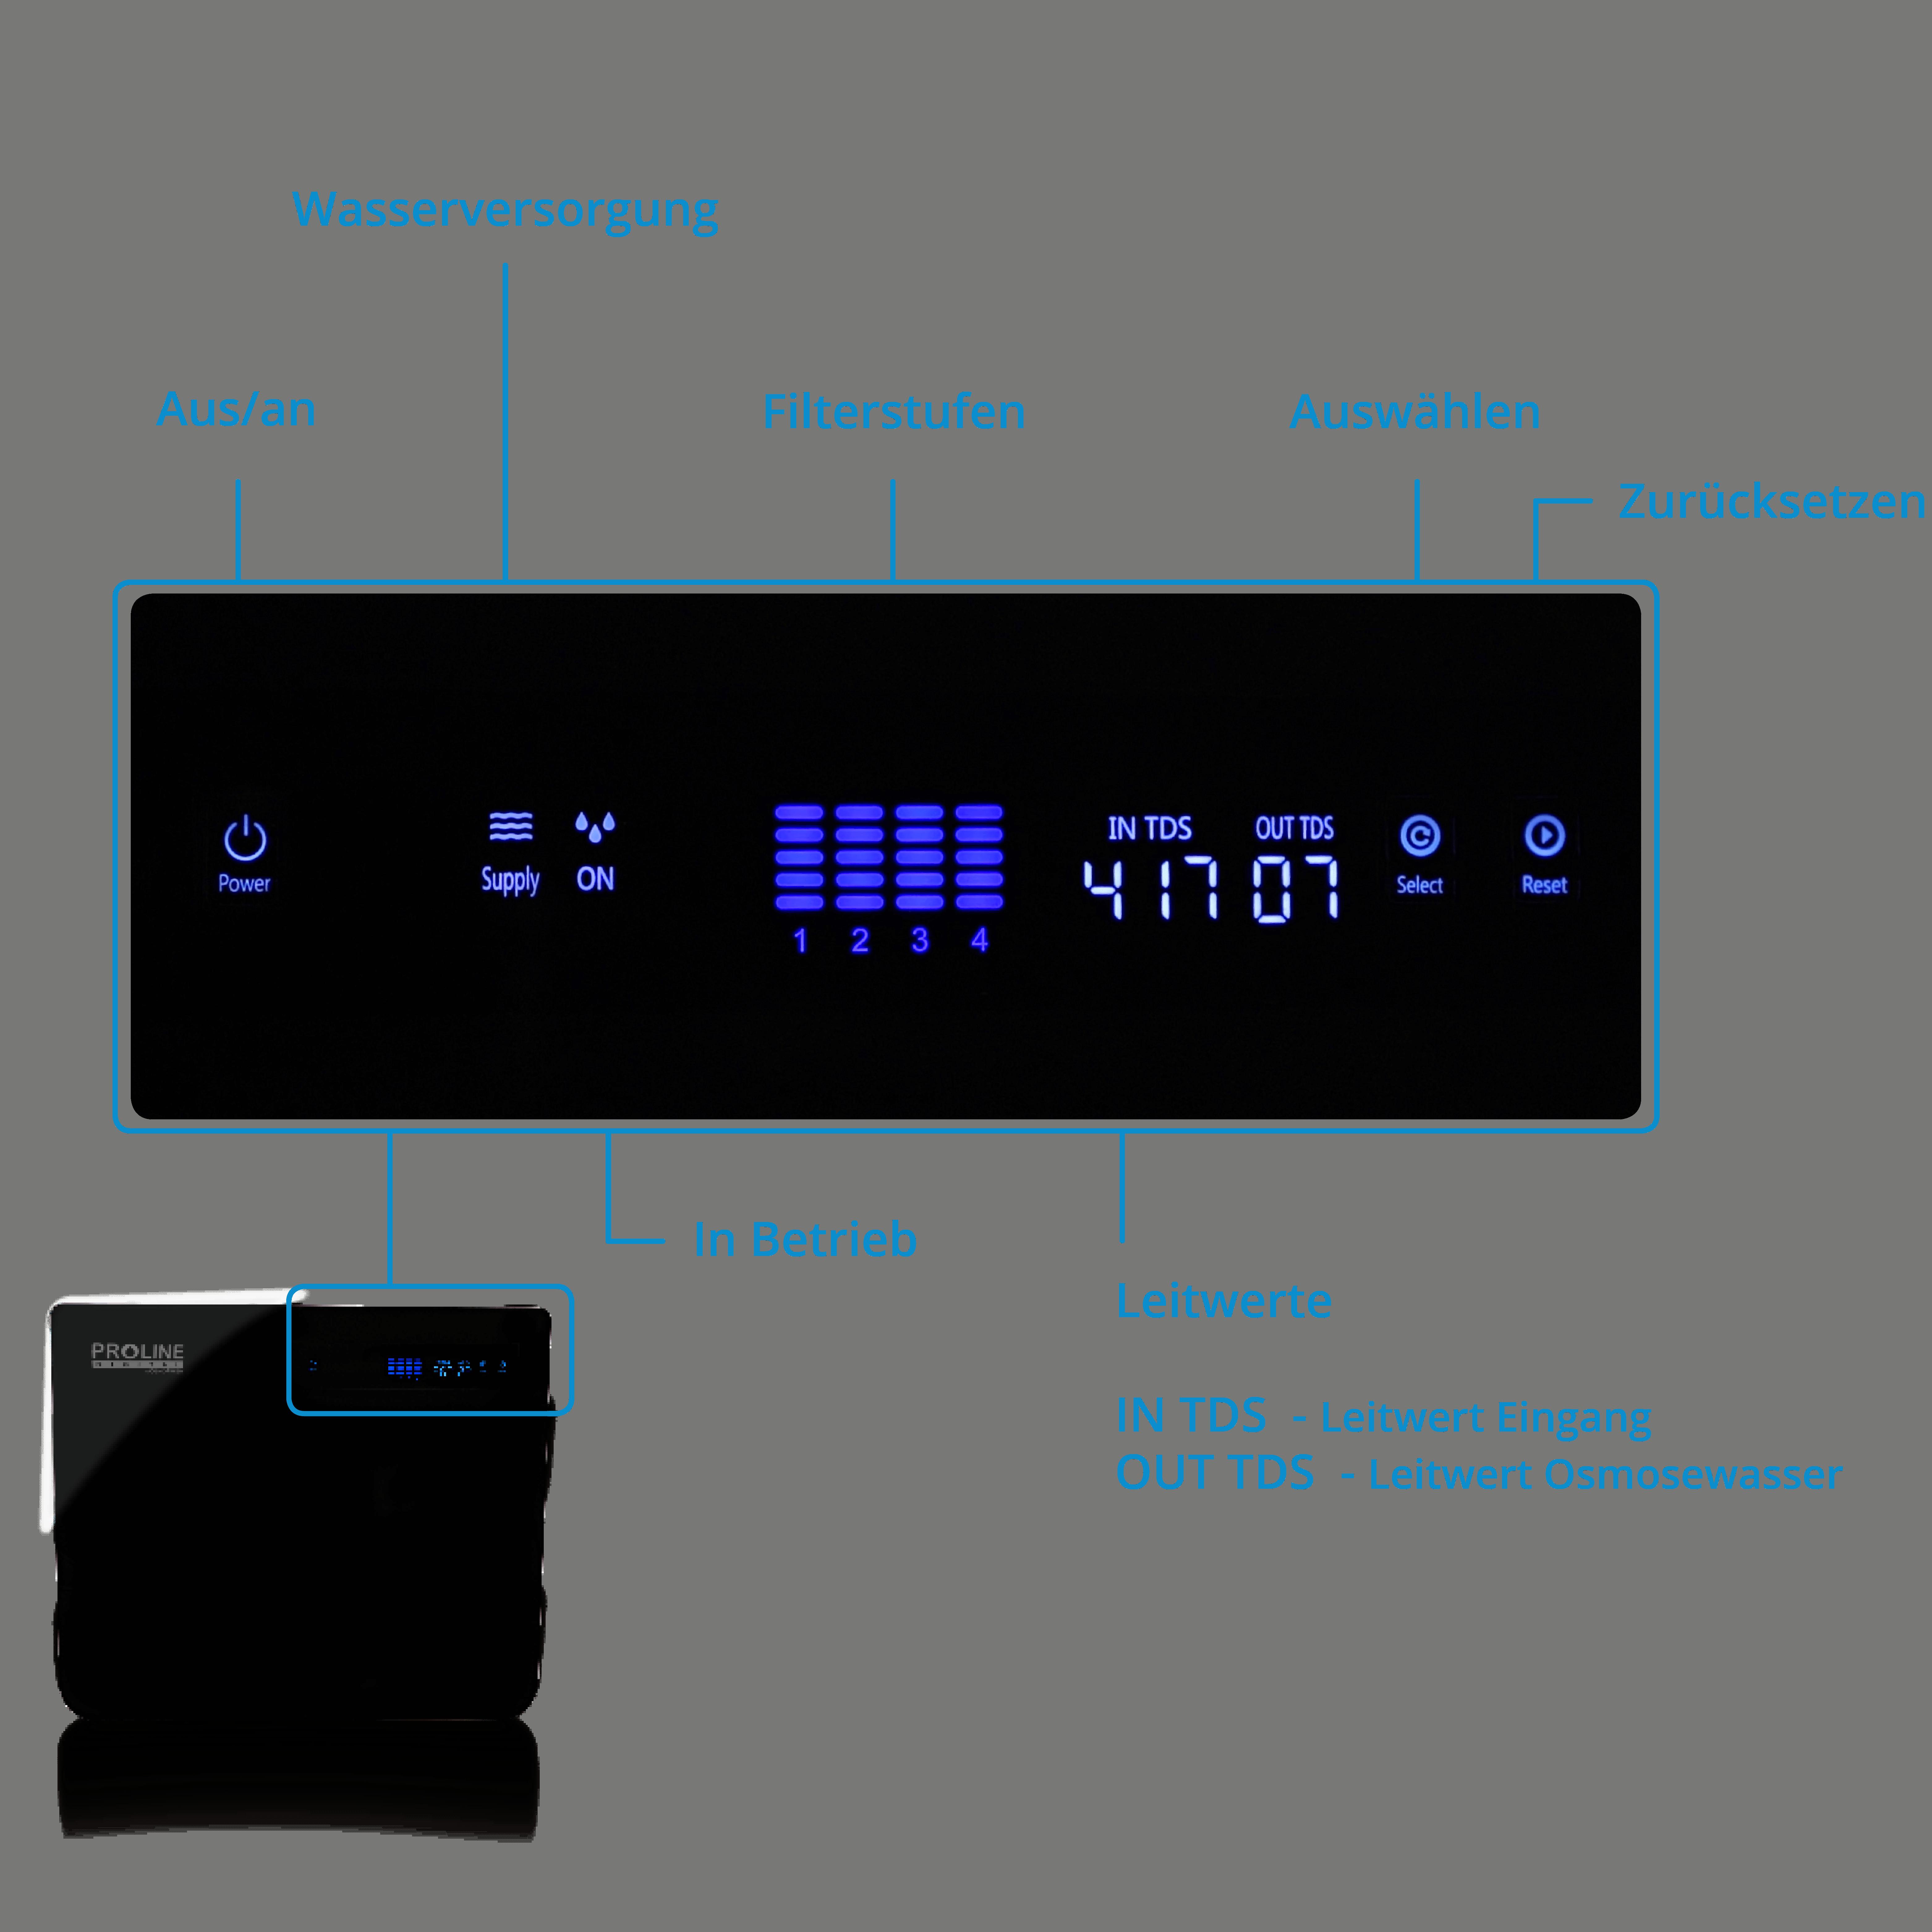 Bildschirm_Erkl-rung435hS9B0ILXKr